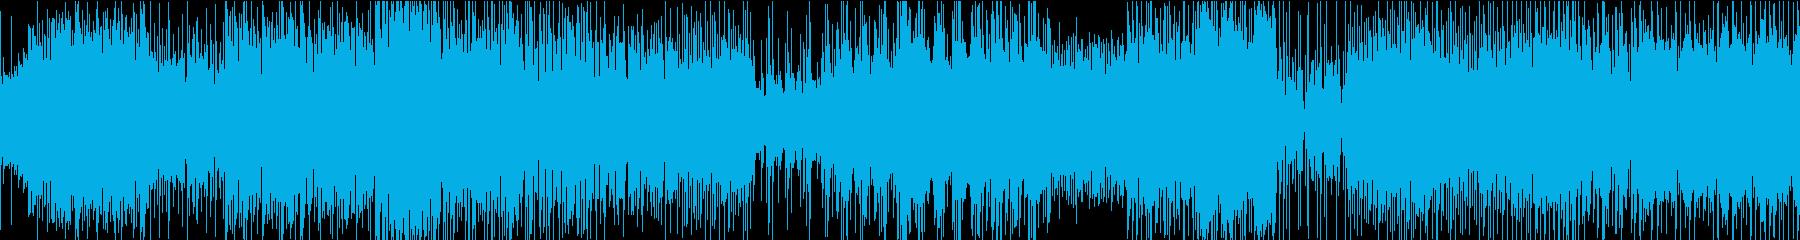 シンプルなアンビエント・テクノの再生済みの波形